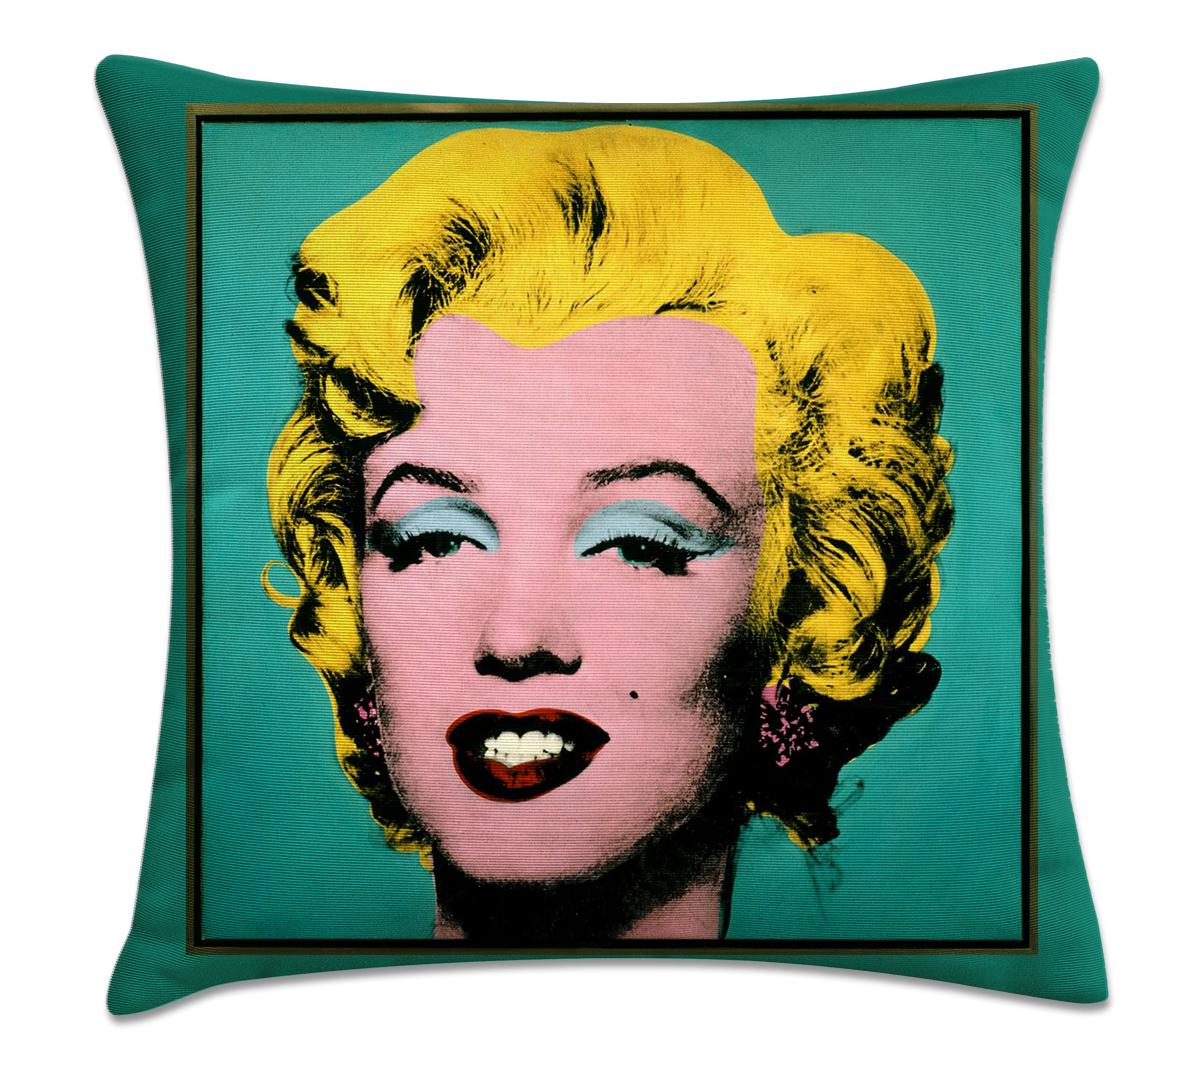 Bem Vindo A Marly: Marilyn Monroe Andy Warhol Portrait